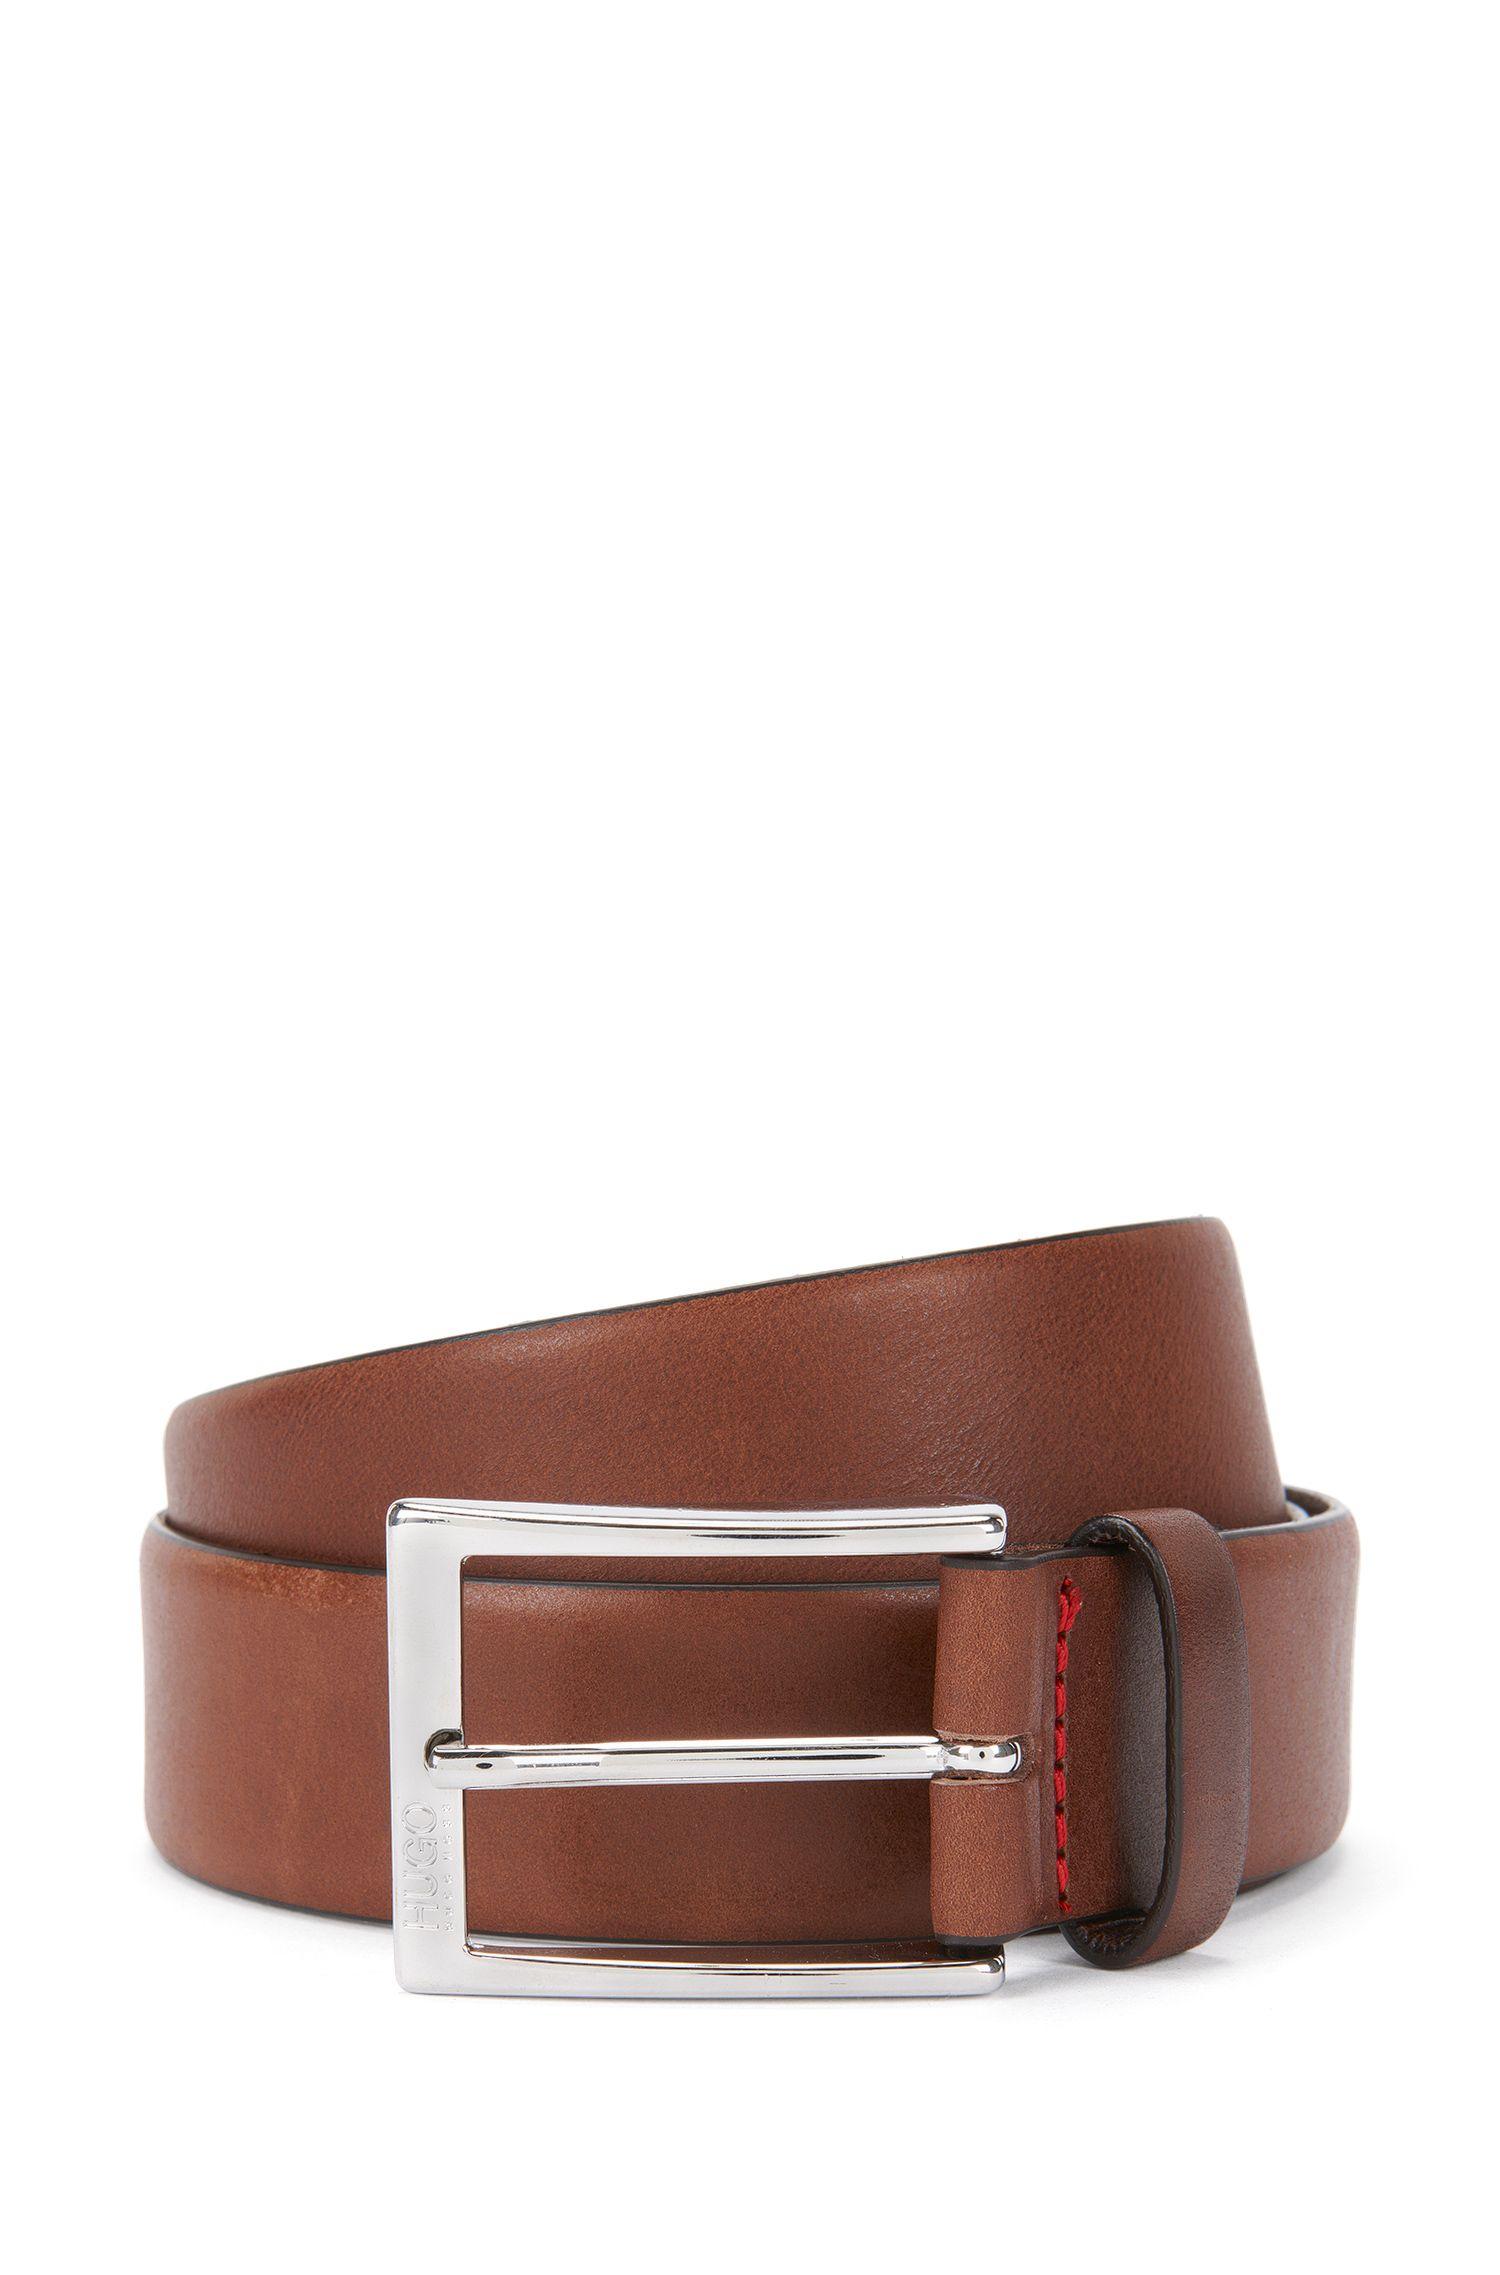 Cintura con fibbia ad ardiglione in metallo lucido in pelle conciata al vegetale